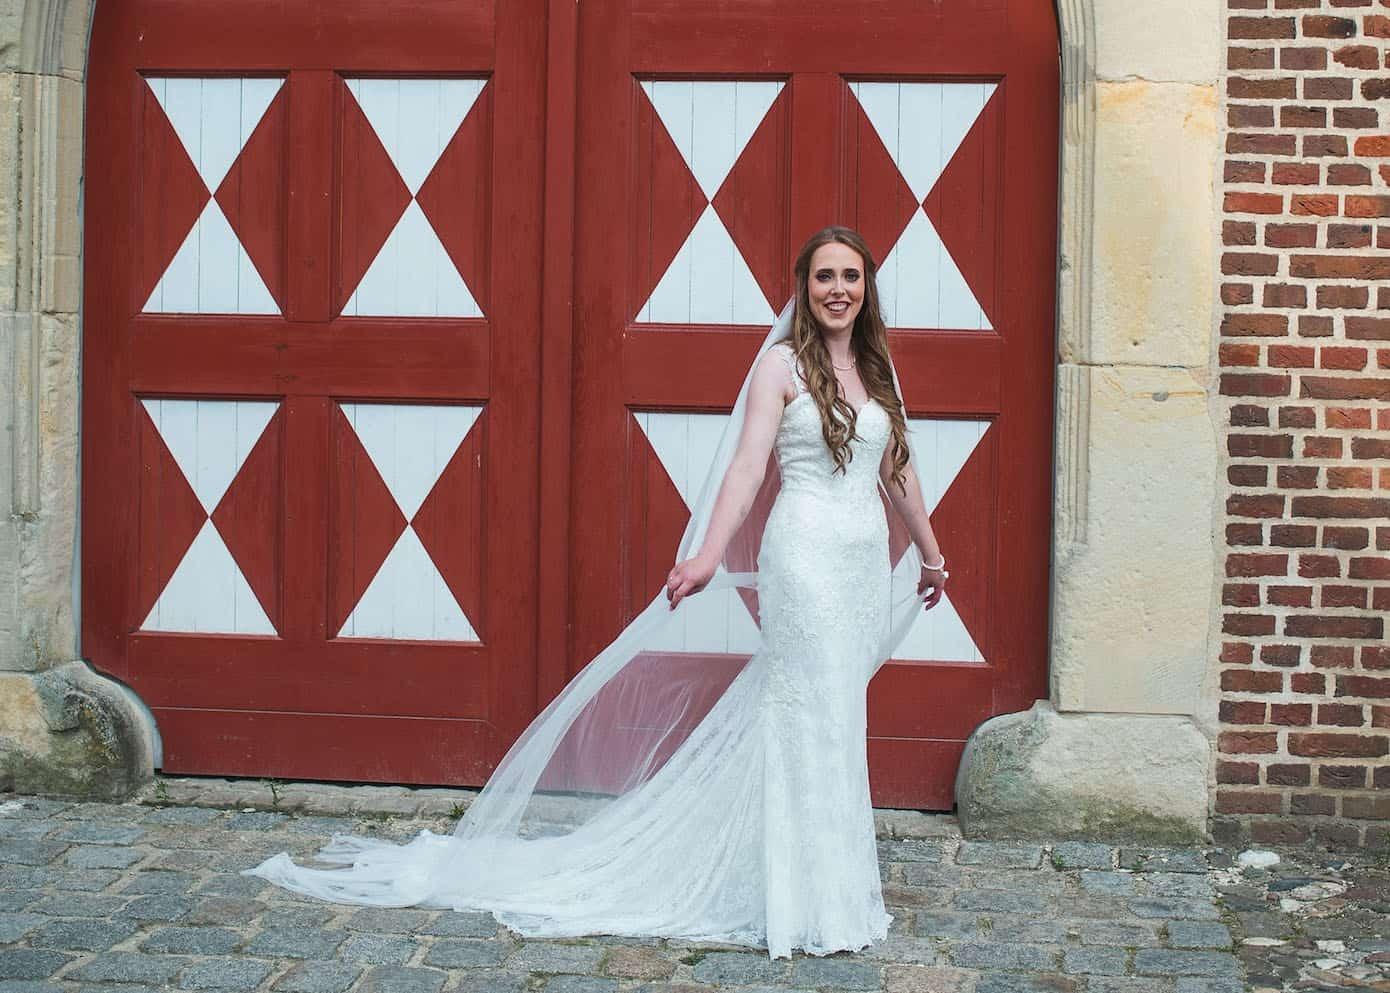 Hochzeitsfotograf Münster - Braut mit Schleier